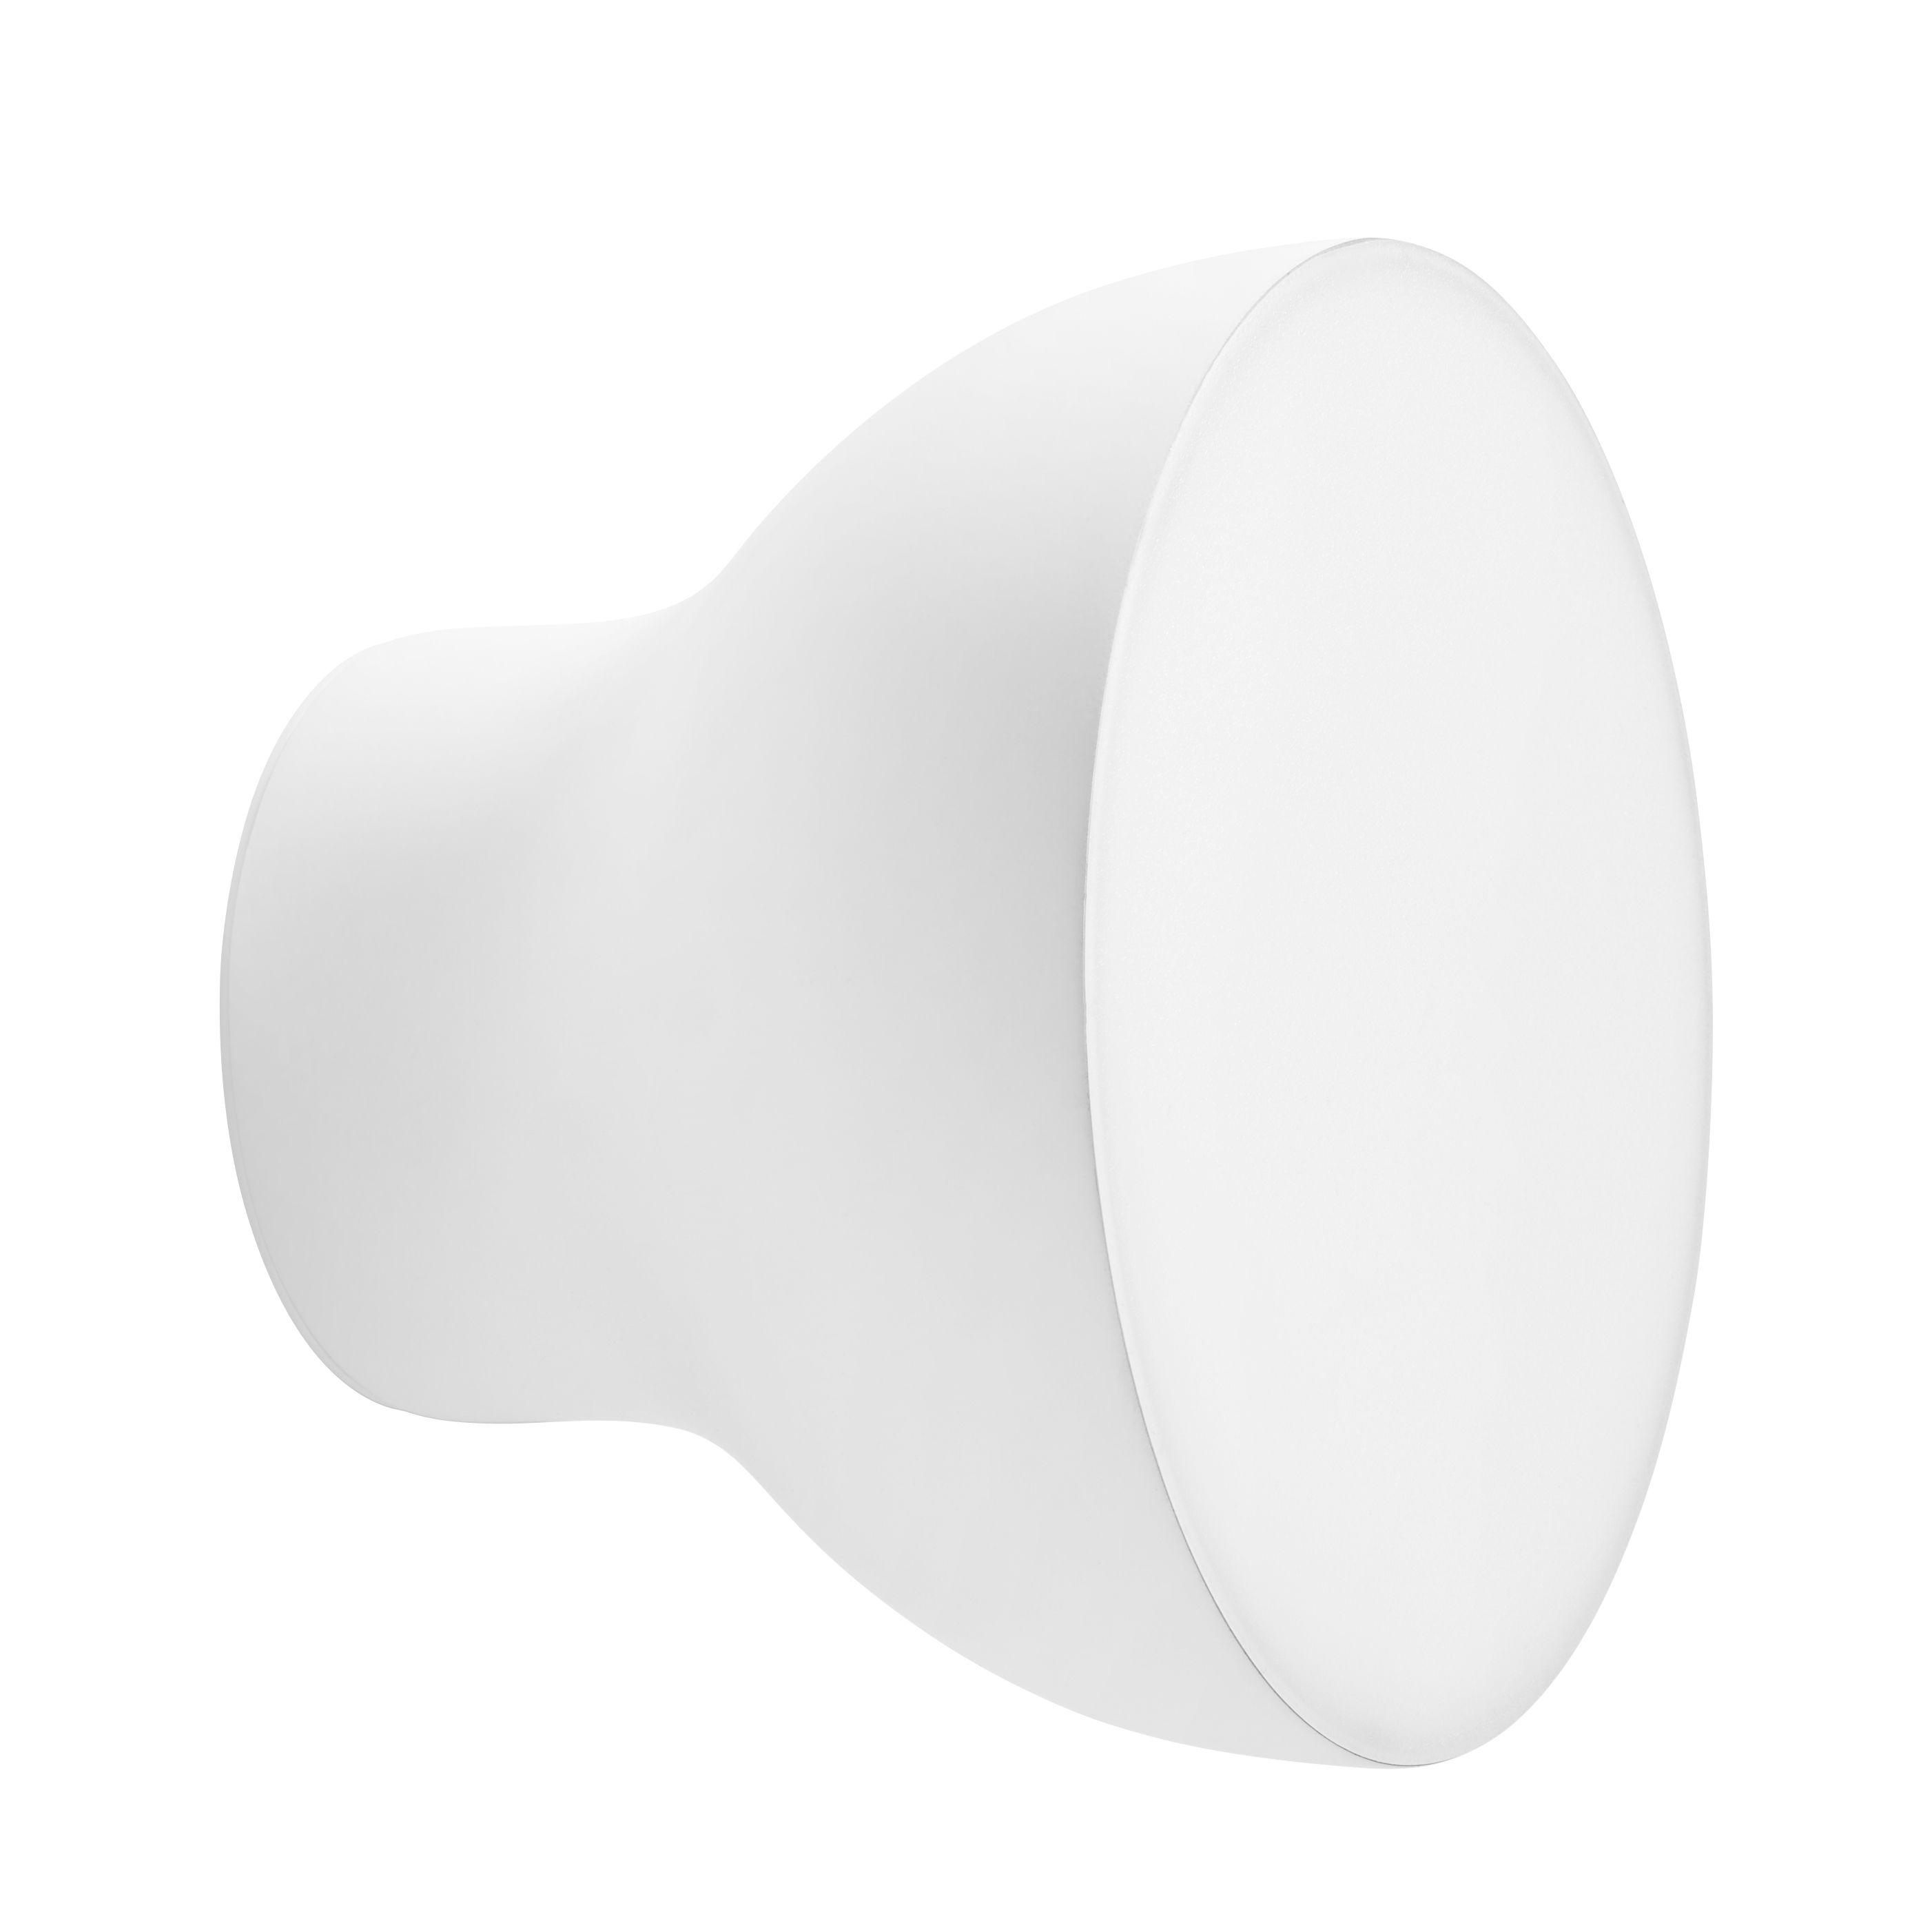 Luminaire - Appliques - Applique Passepartout JH11 / LED - Ø 20 x H 15,5 cm - &tradition - Blanc mat - Métal laqué, Polycarbonate